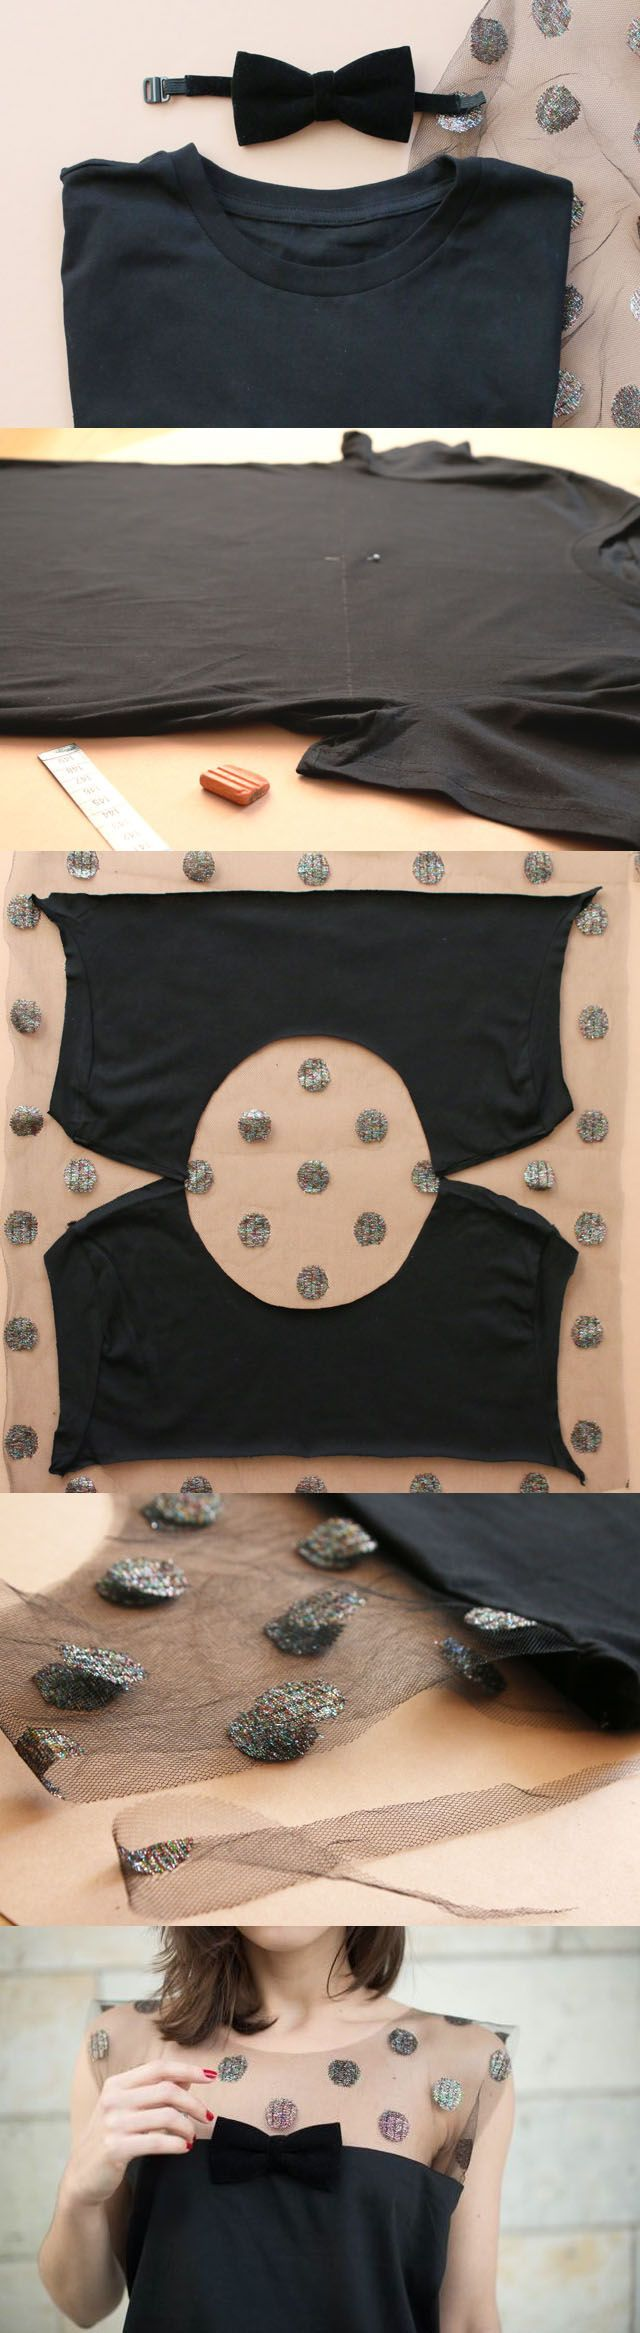 Mezcla de Jersey negro con una camiseta básica con lunares de tul  Qué necesitas:  - Una camiseta básica, - 1 lazo de terciopelo (accesorio de hombres) -1 metro de tul con lunares brillantes. - 1 metro de cinta para bordar - Hilo, agujas, tijeras, tiza de sastre y cinta métrica.